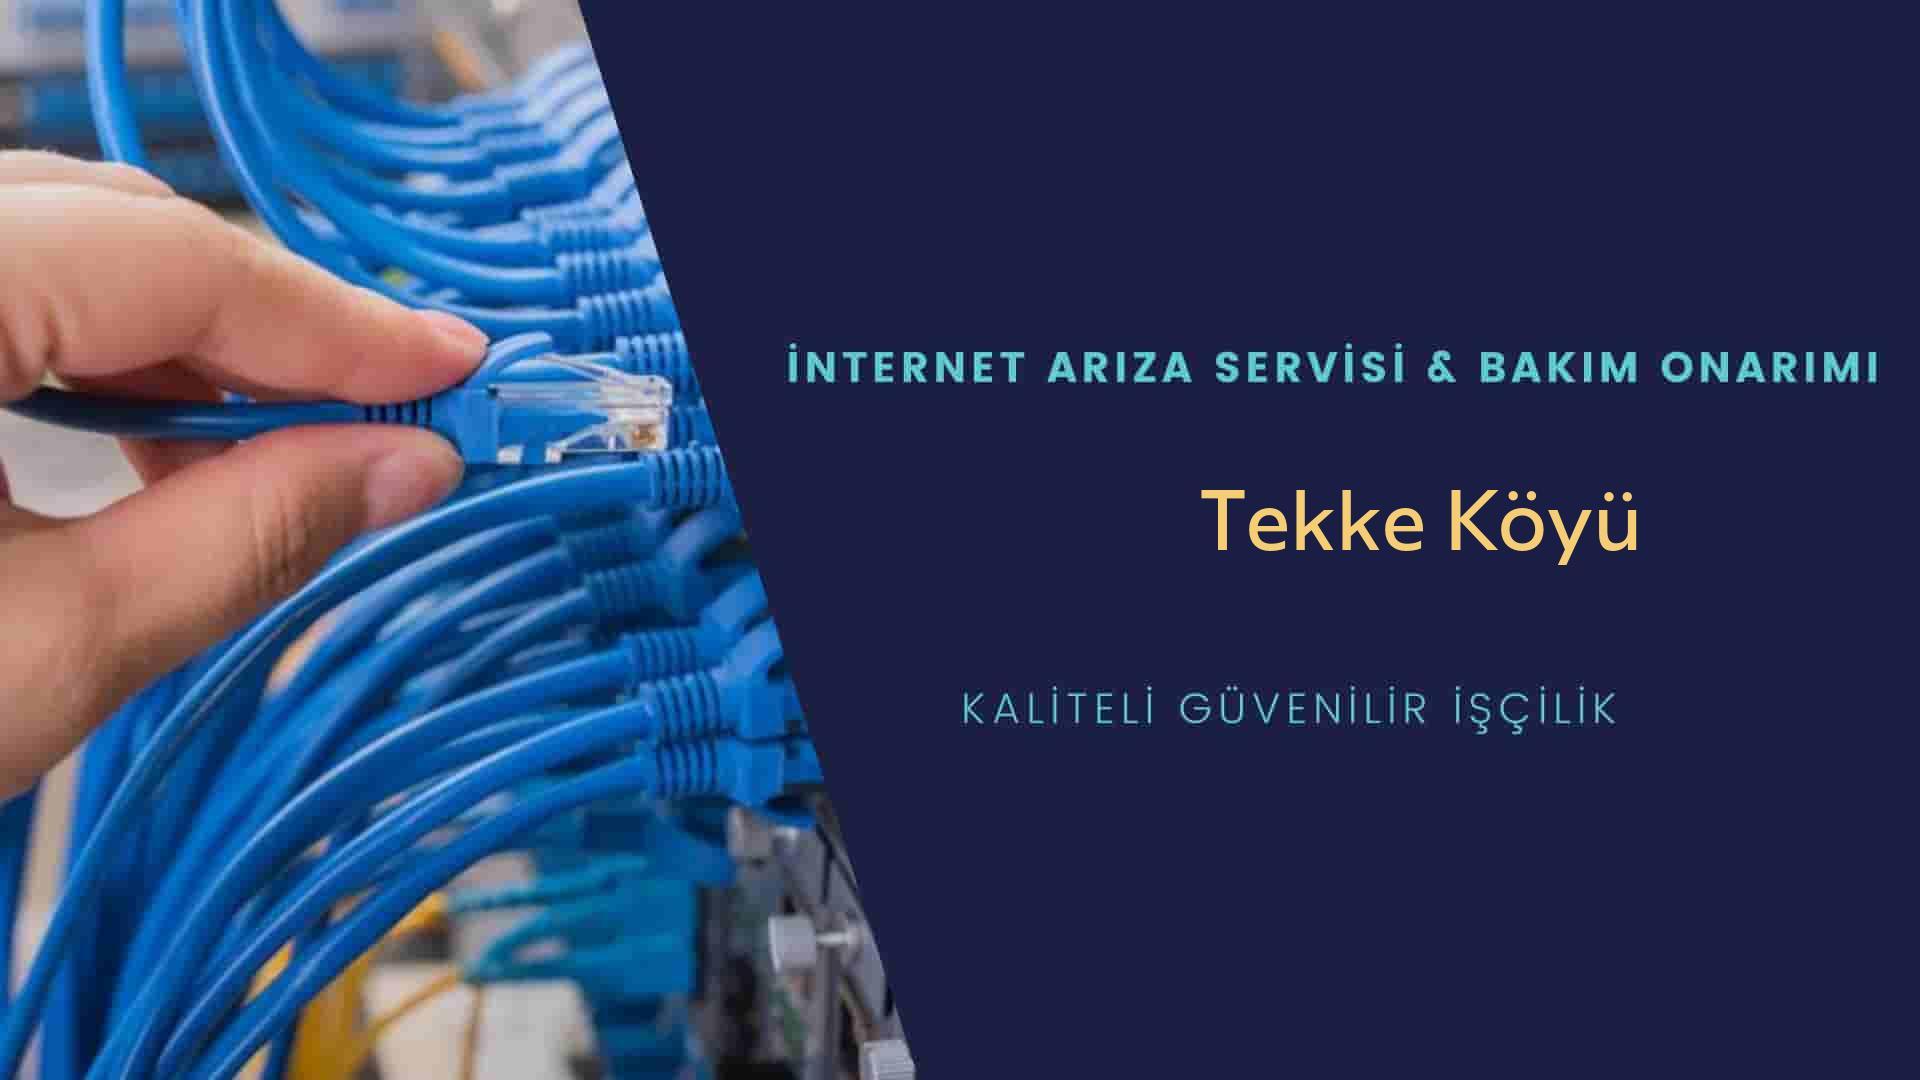 Tekke Köyü internet kablosu çekimi yapan yerler veya elektrikçiler mi? arıyorsunuz doğru yerdesiniz o zaman sizlere 7/24 yardımcı olacak profesyonel ustalarımız bir telefon kadar yakındır size.